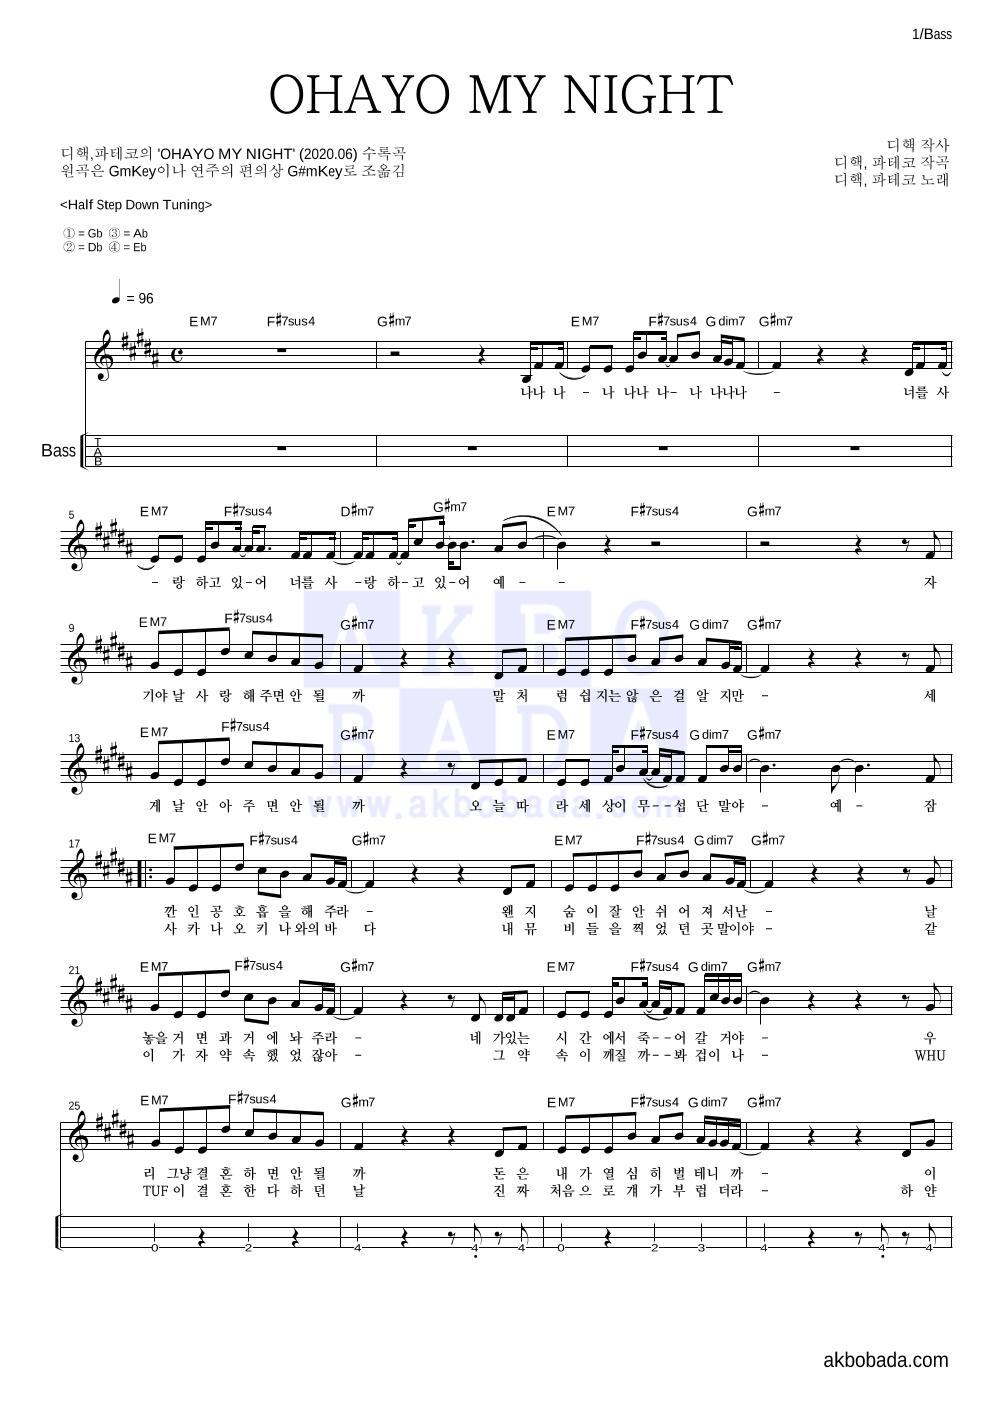 디핵,파테코 - OHAYO MY NIGHT 베이스(Tab) 악보